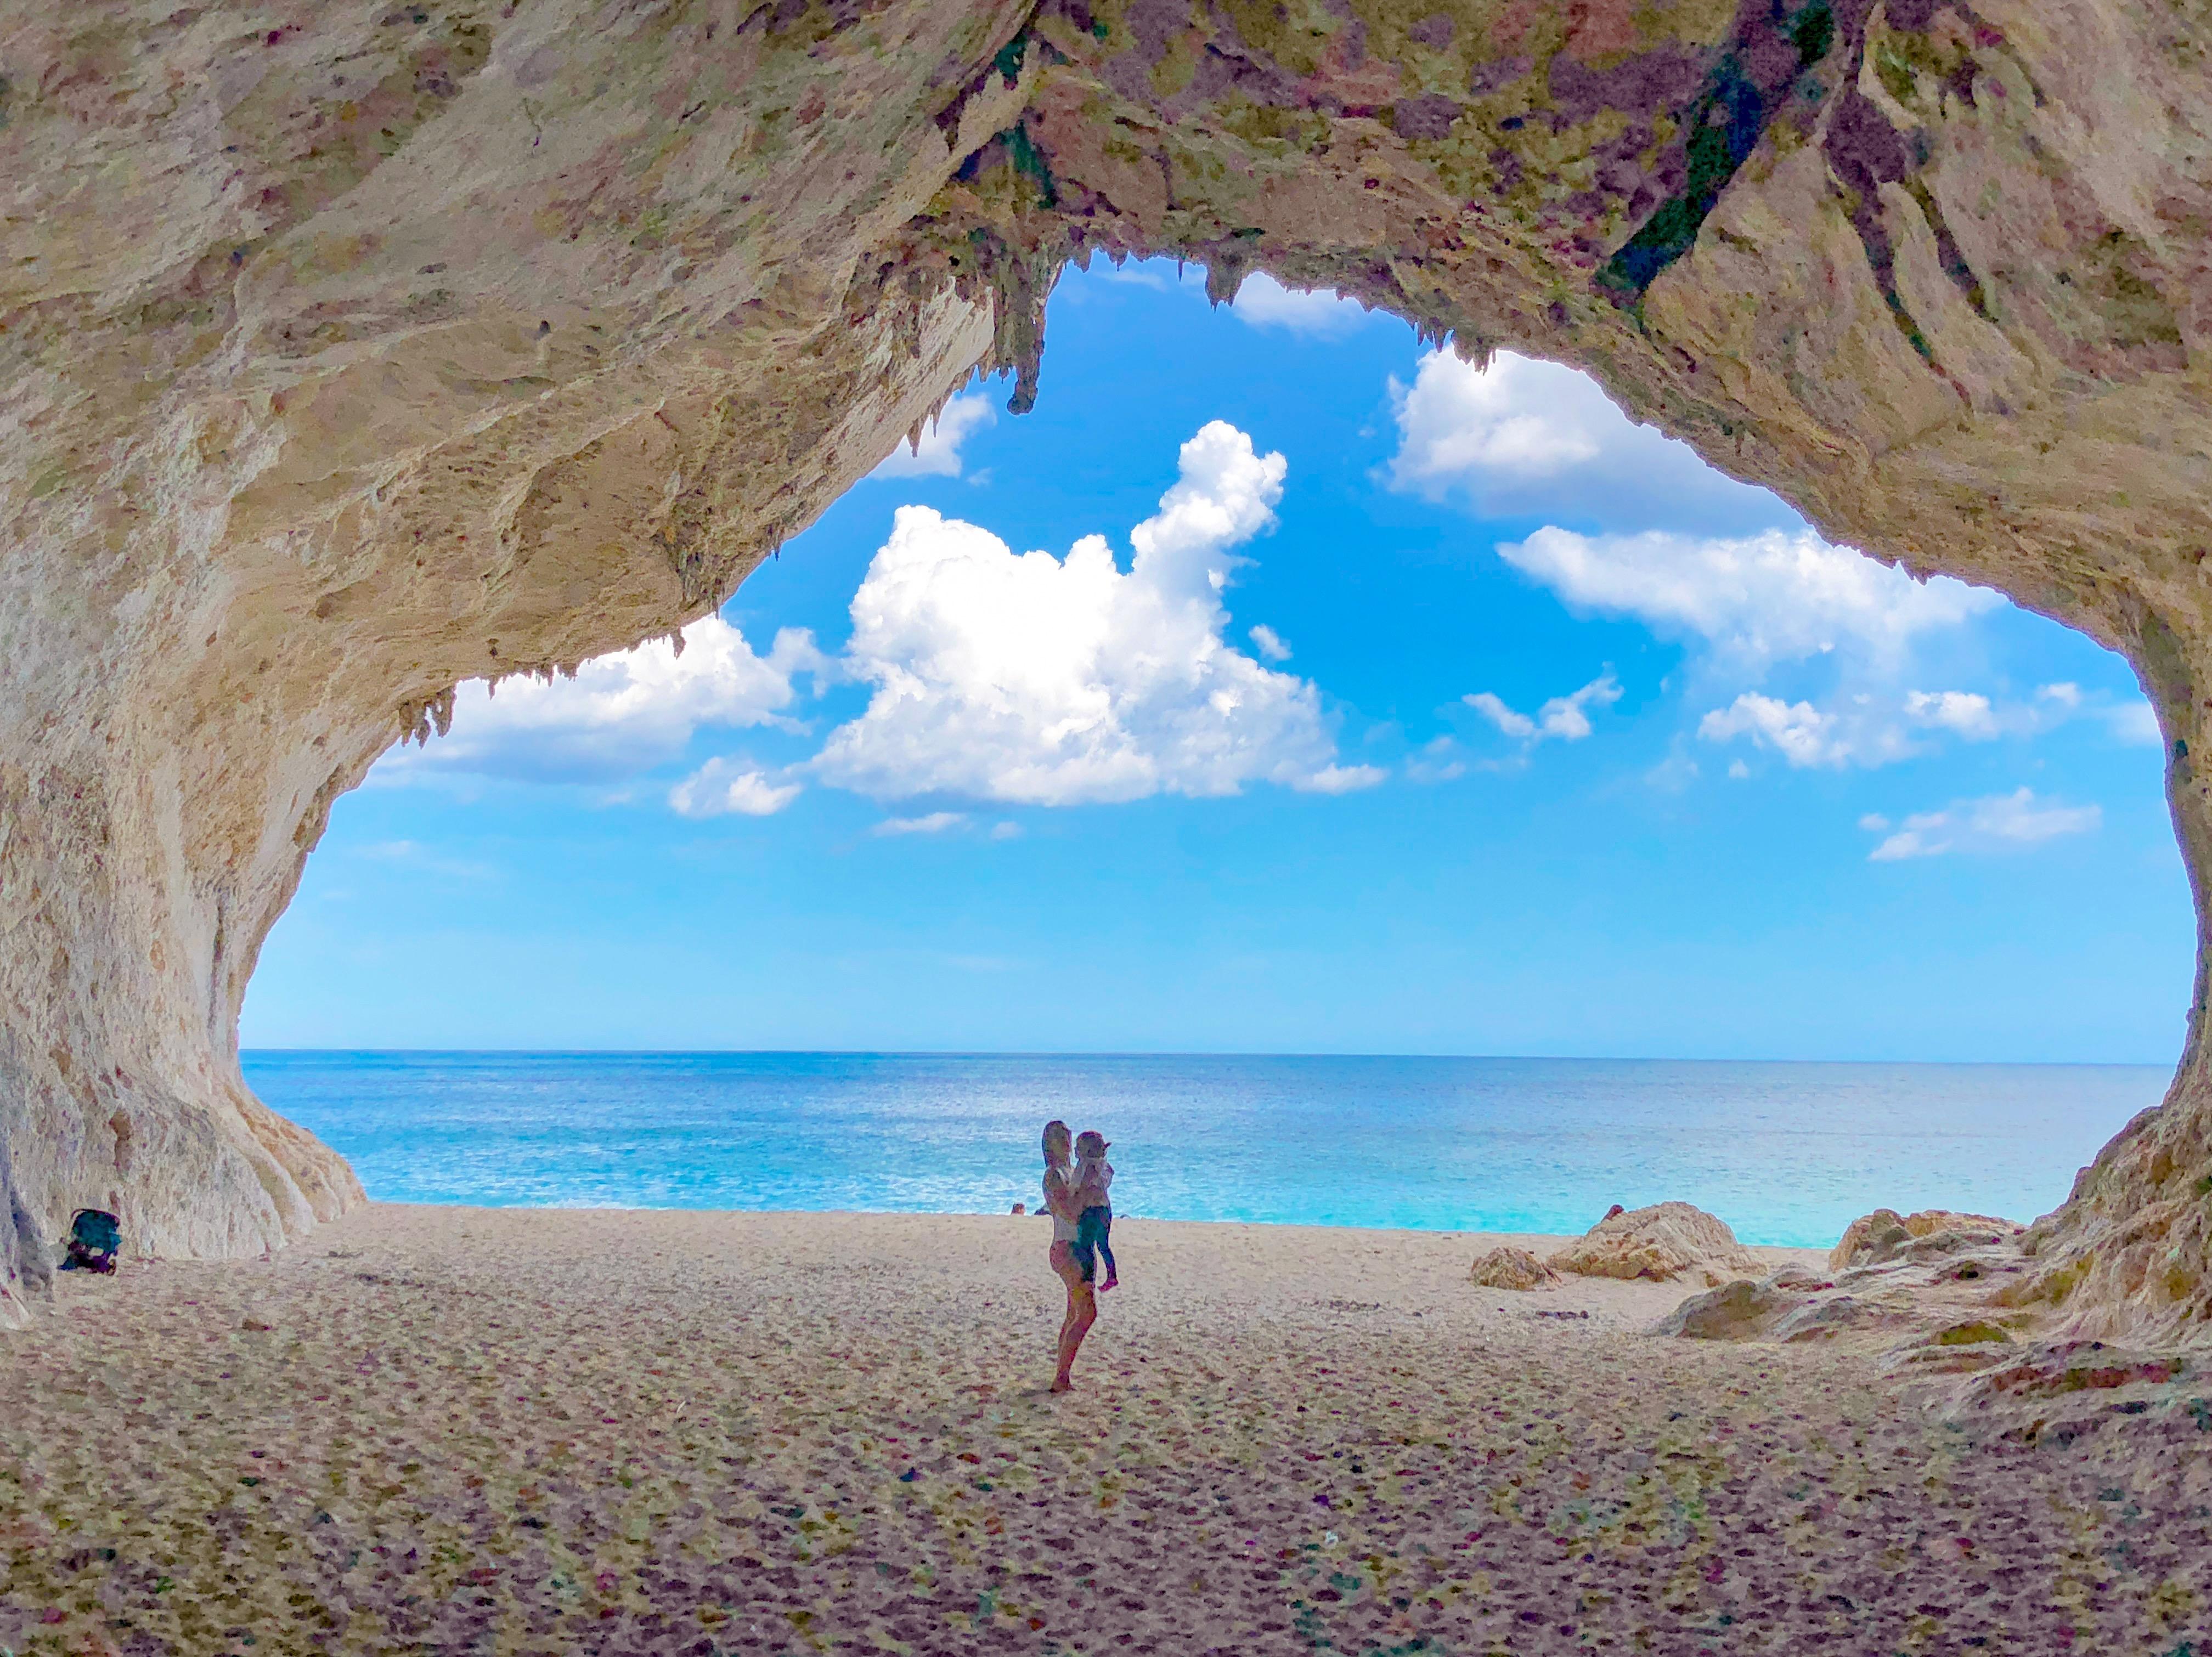 sardenha - melhores praias europa - melhores destinos praia europa